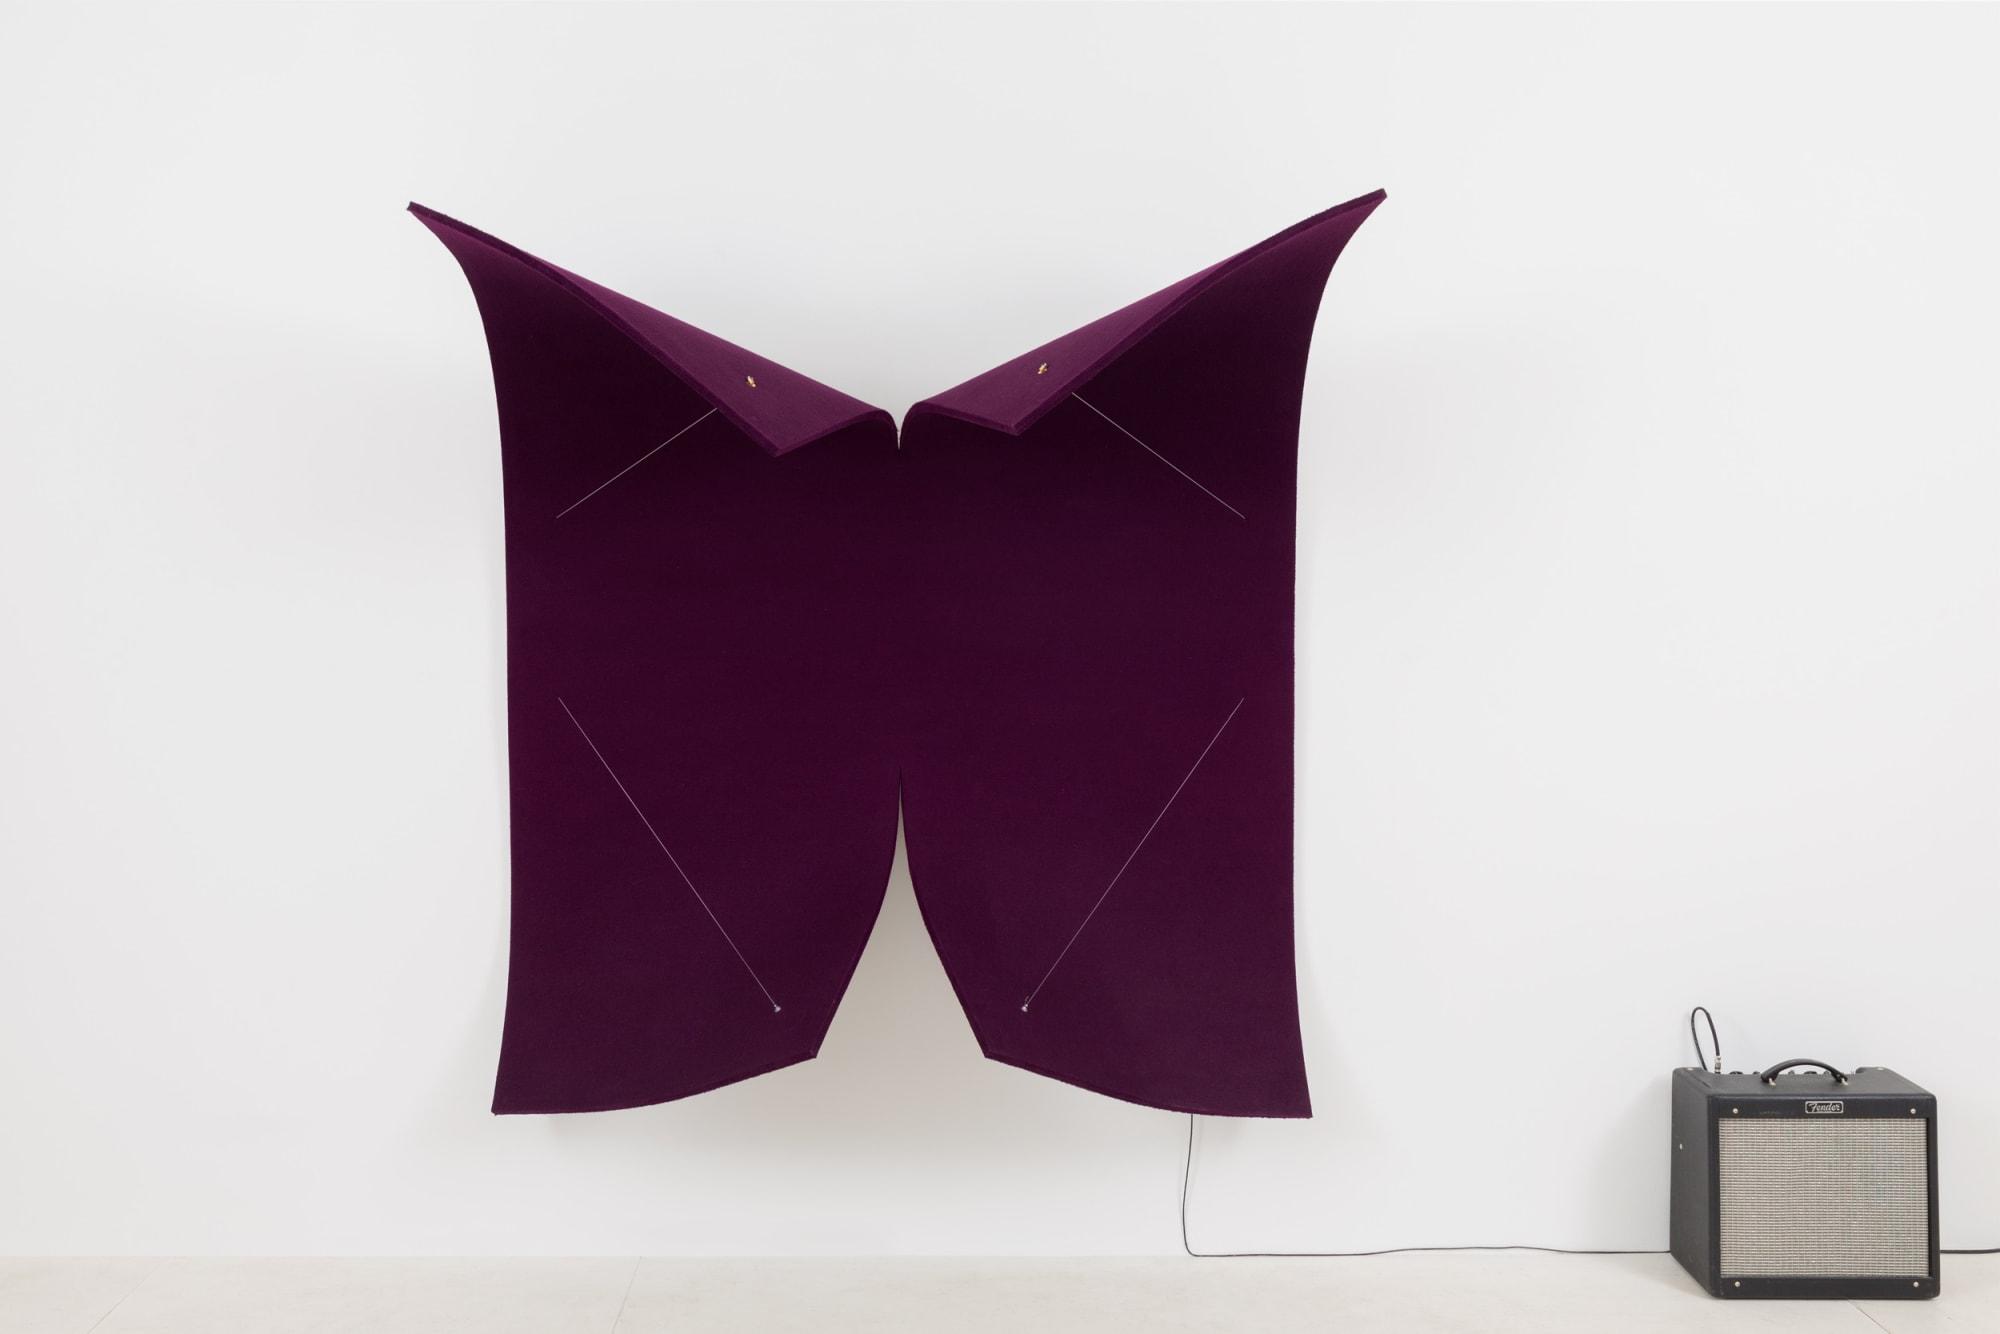 Tsabar work-on-felt-variation-22-purple-_naama-tsabar_shulamit-nazarian_a2